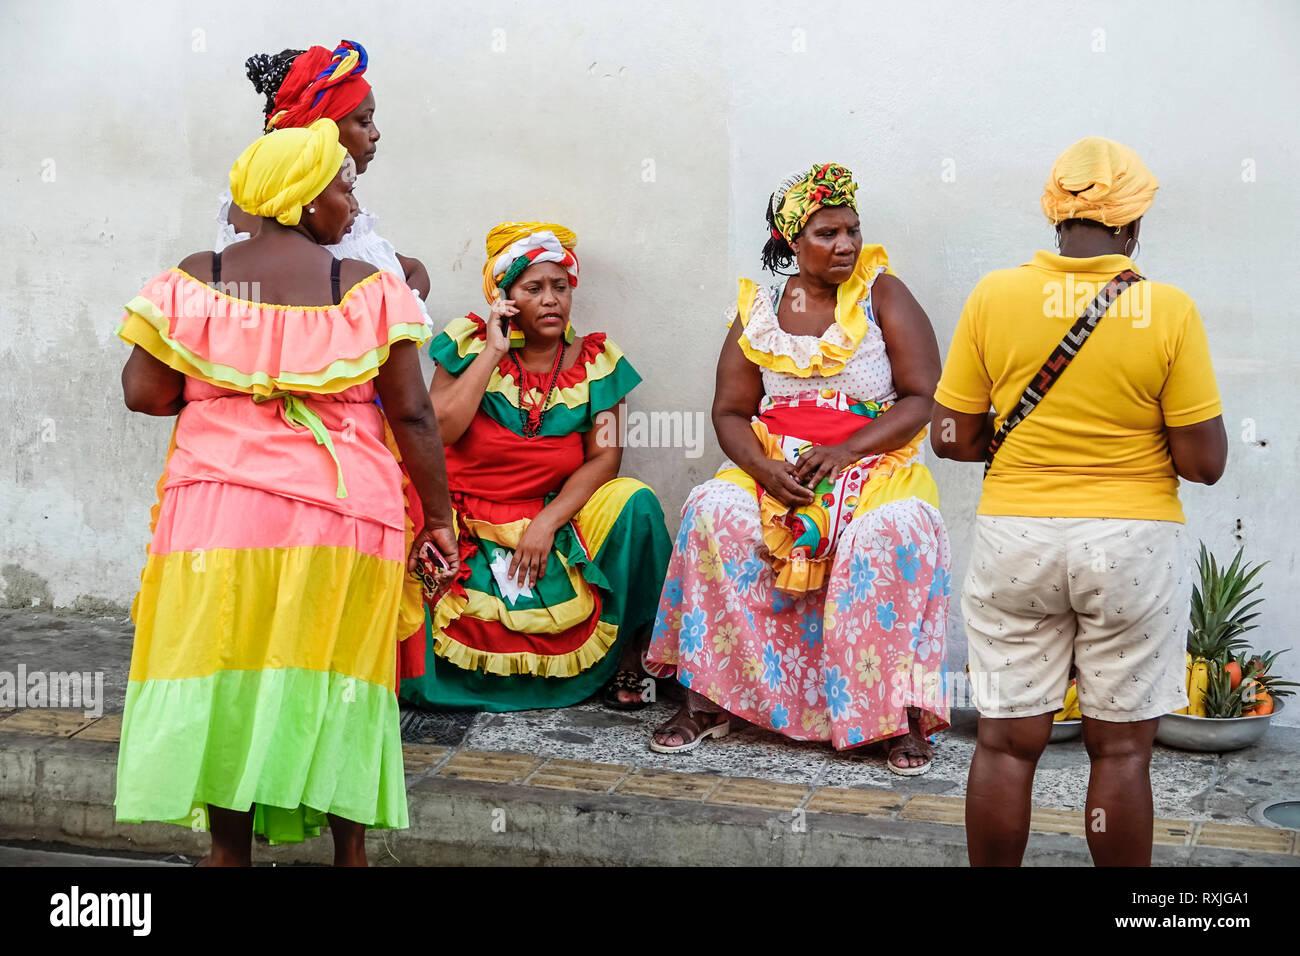 Cartagena Colombia el centro de la ciudad amurallada vieja Centro Afro-caribeño negras Palenqueras mujer traje tradicional proveedor de fruta patrimonio cultural symb Imagen De Stock